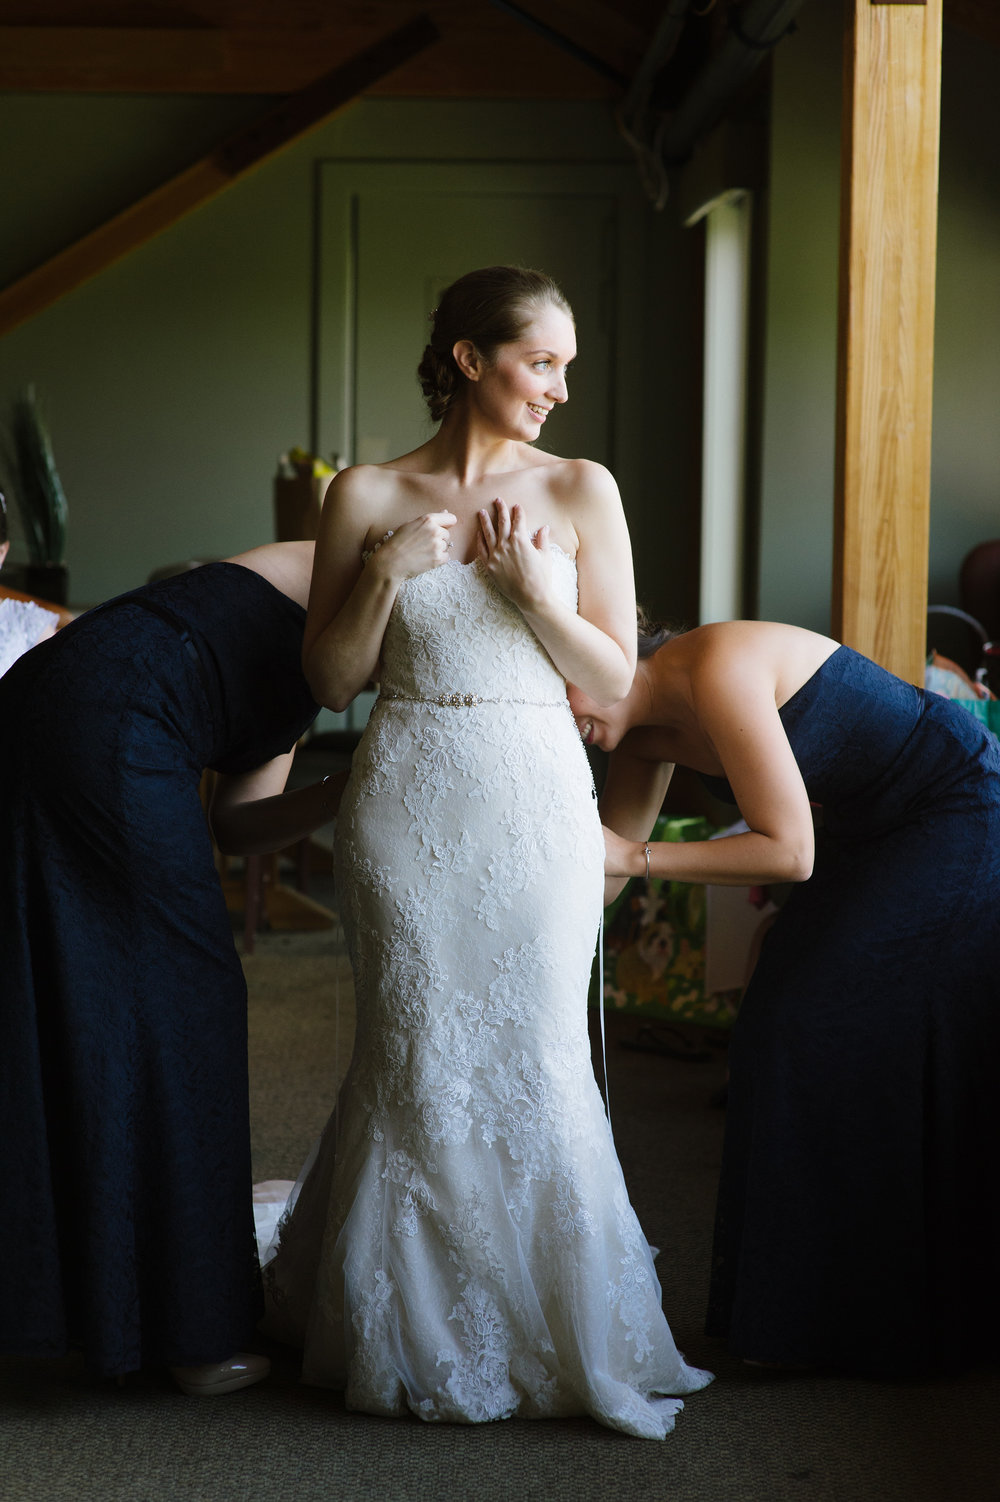 Candid-Wedding-Photography-Katie-Noble027.jpg